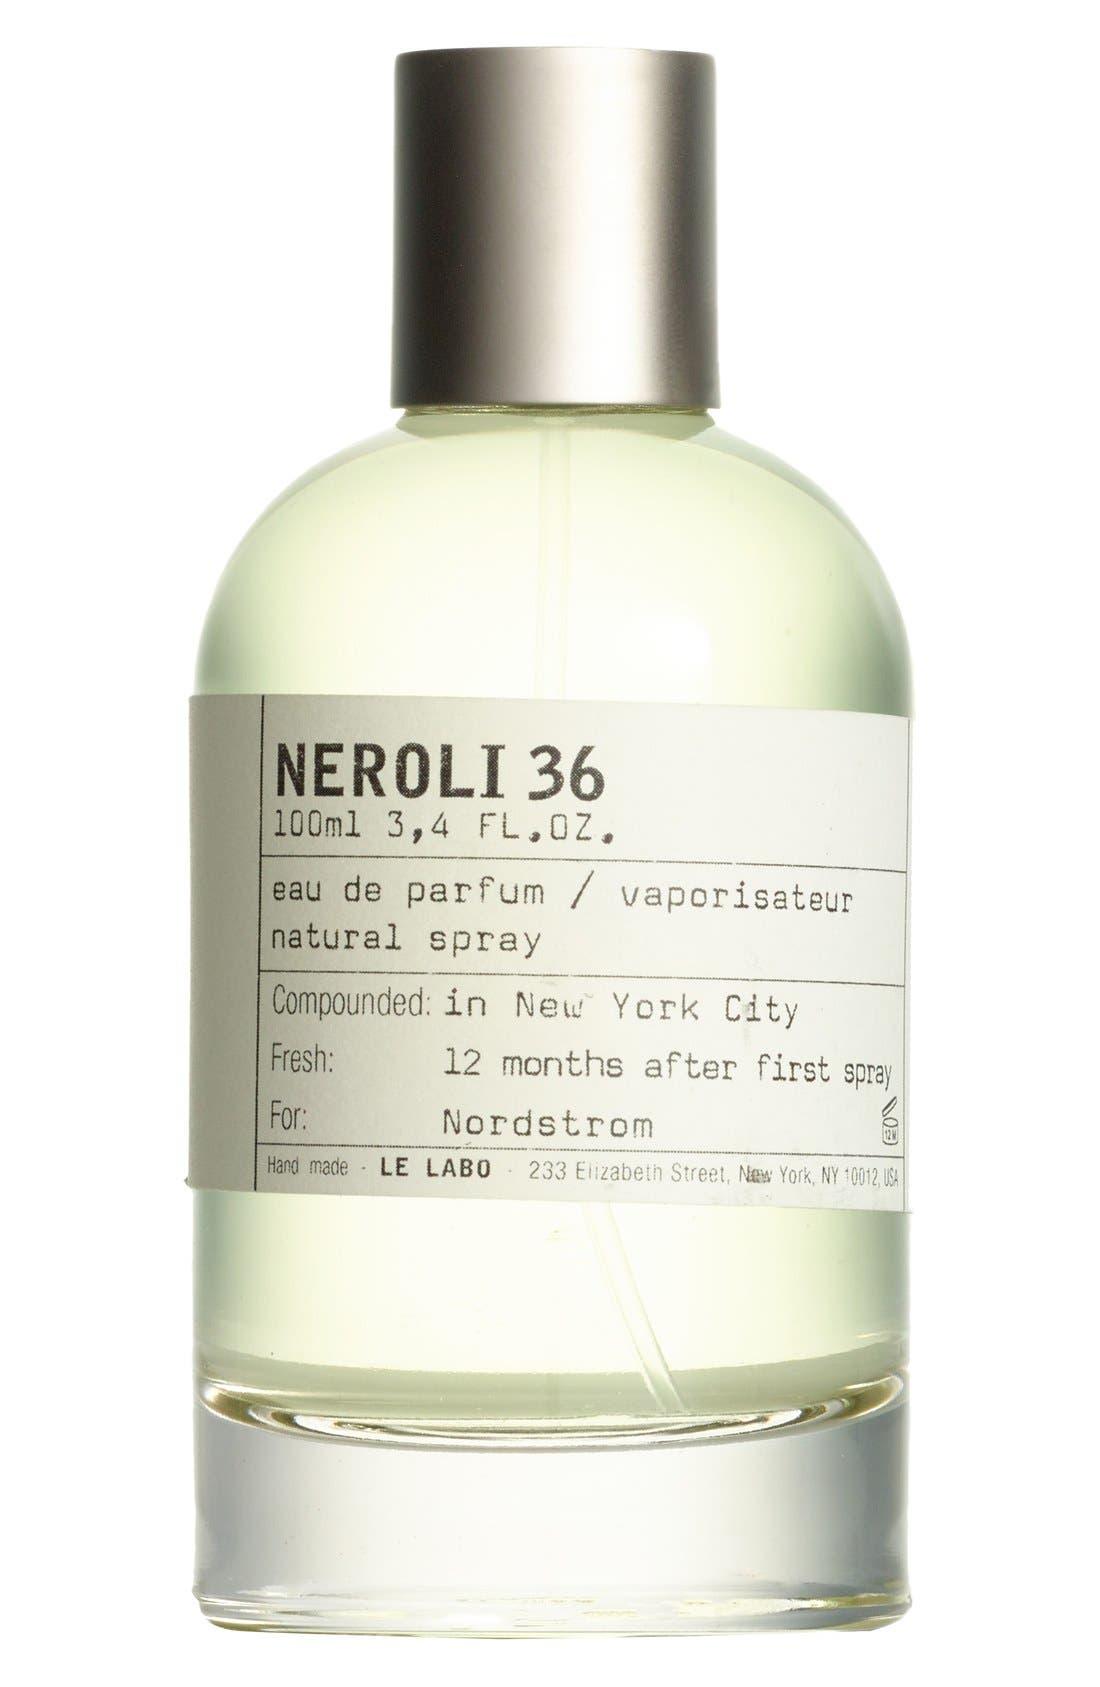 Le Labo 'Neroli 36' Eau de Parfum